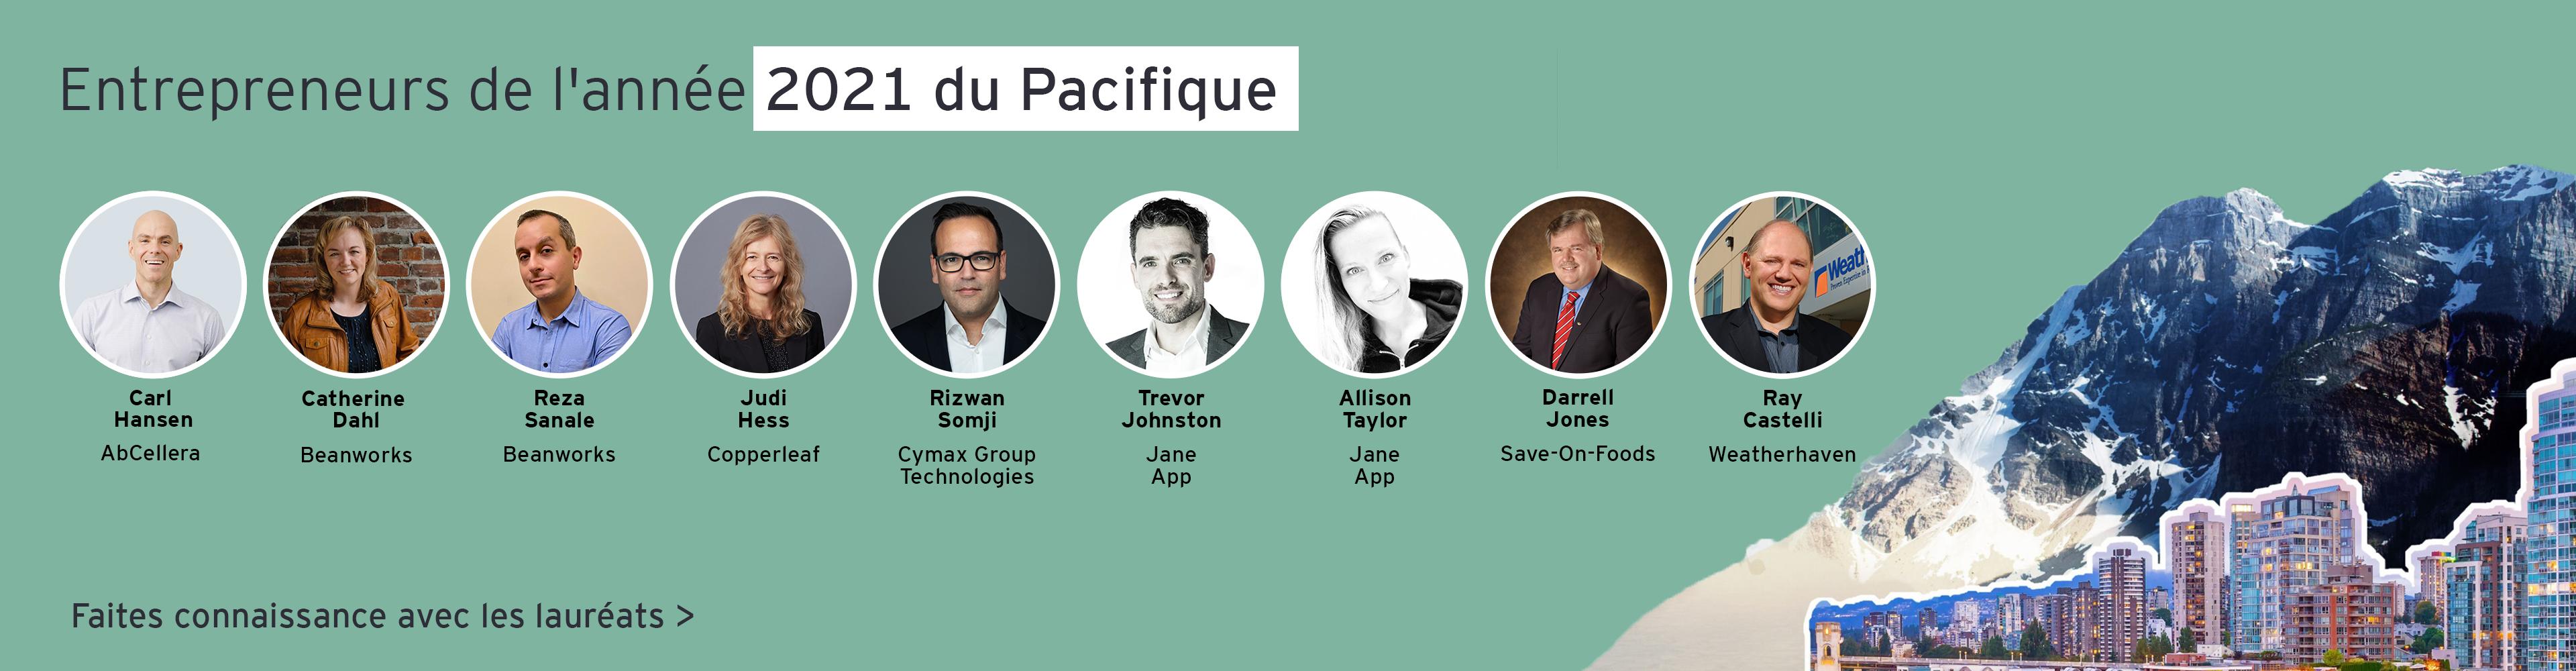 Entrepreneurs de l'année 2021 du Pacifique